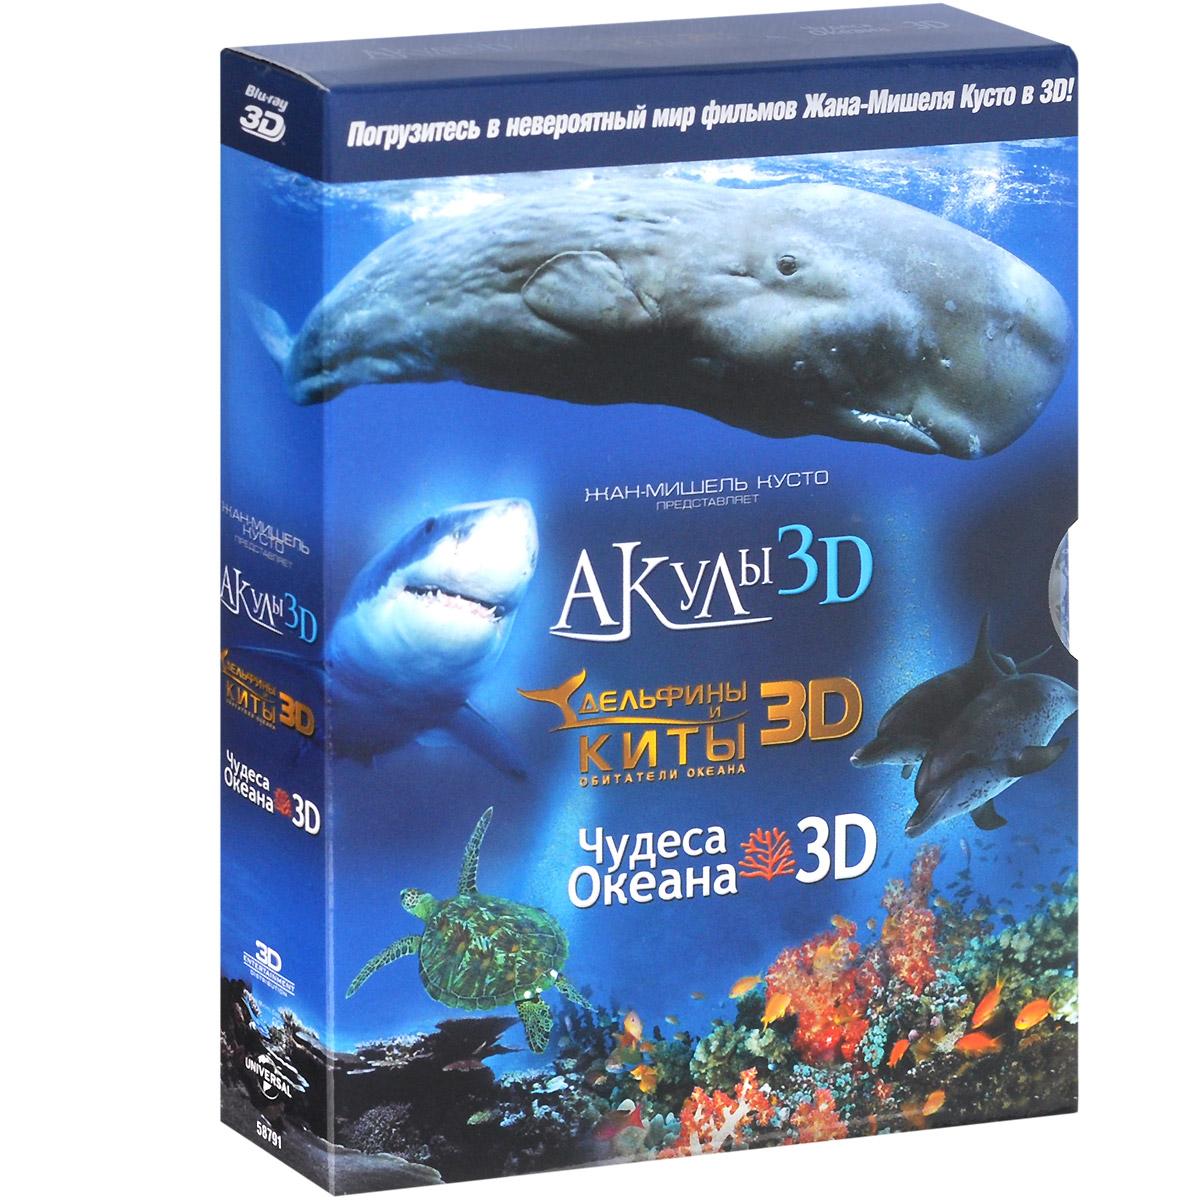 Жан-Мишель Кусто: Акулы / Дельфины и киты / Чудеса океана 3D и 2D (3 Blu-ray) brand new original authentic spot 90 mt120kpbf module